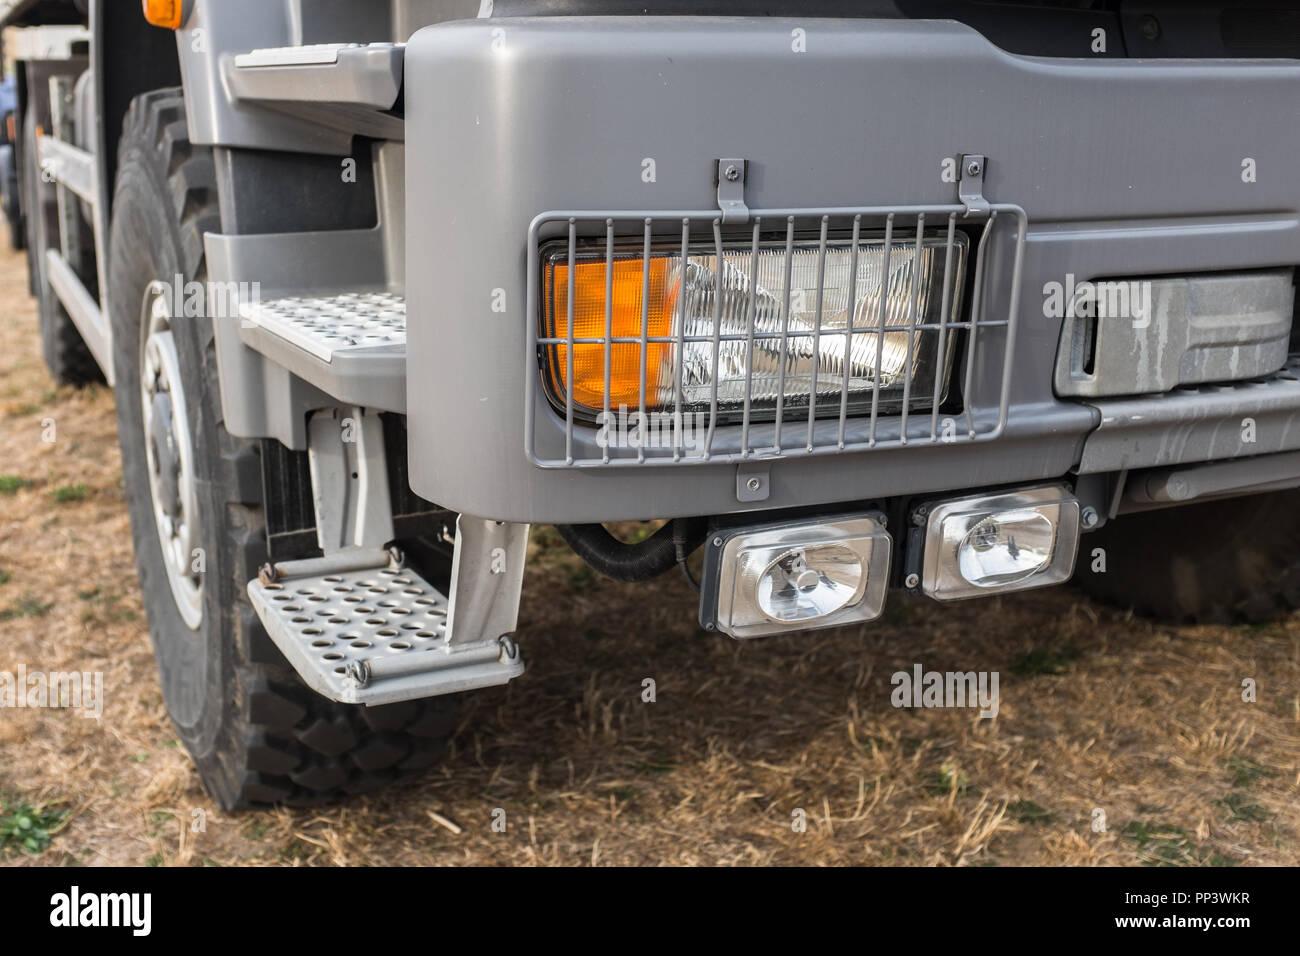 Stoßstange und Scheinwerfer Outdoor LKW - Stock Image